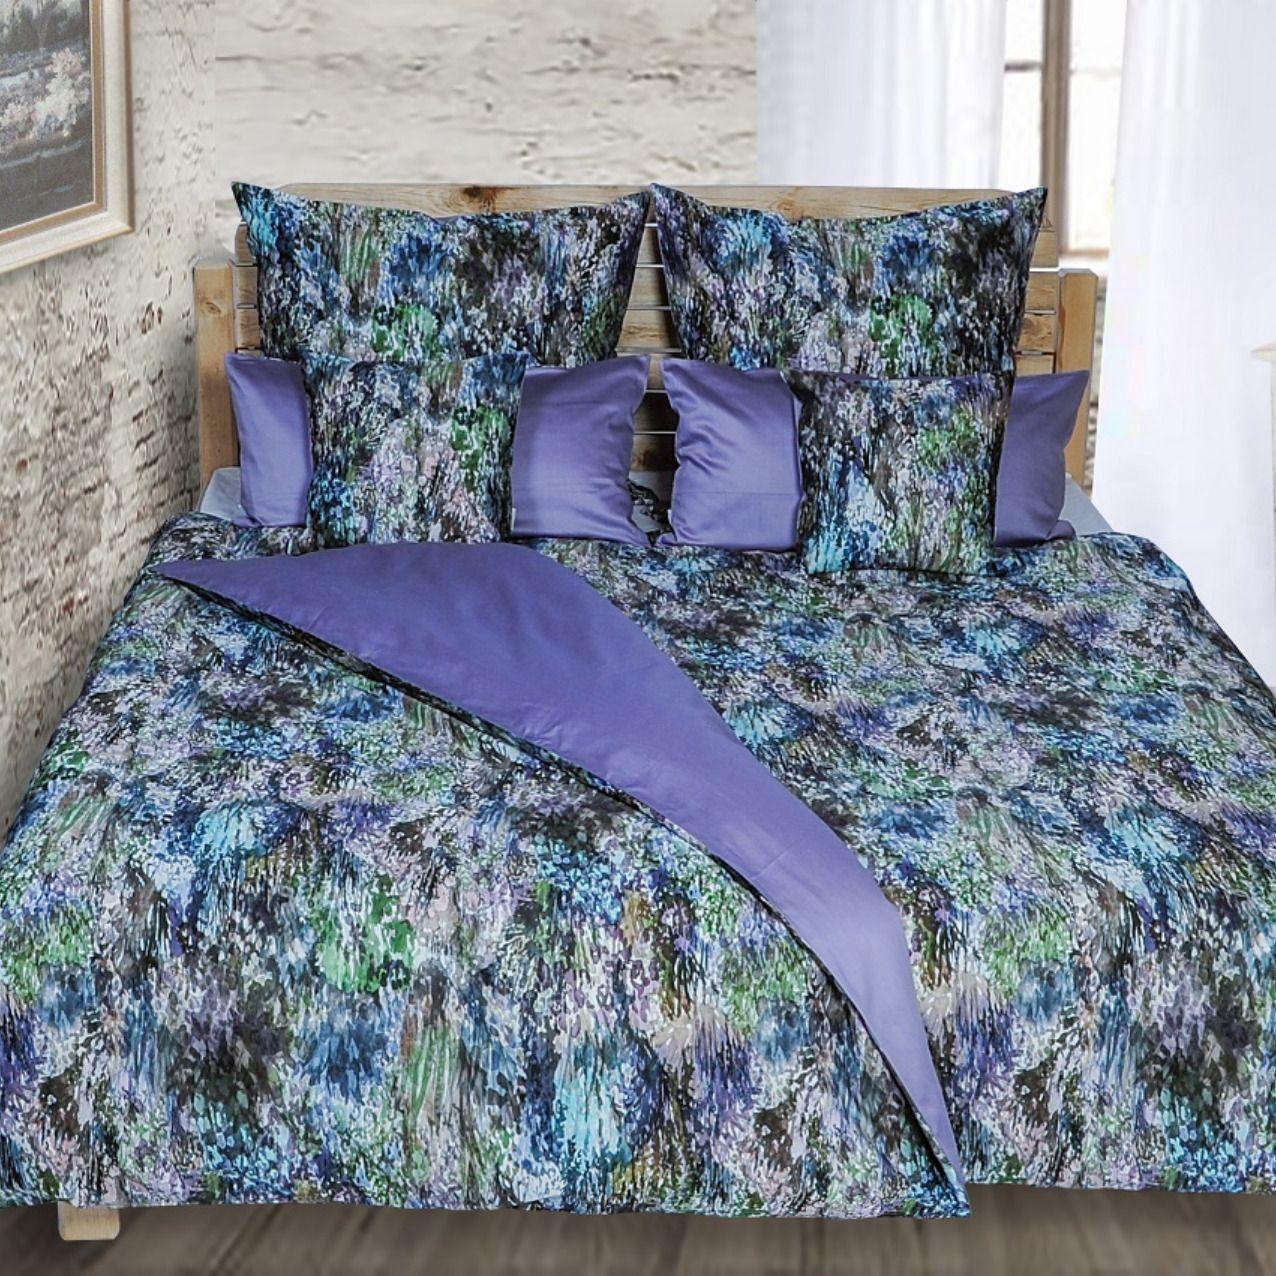 Momm Feine Bettwasche Wendebettwasche Dalia Bettwasche Bett